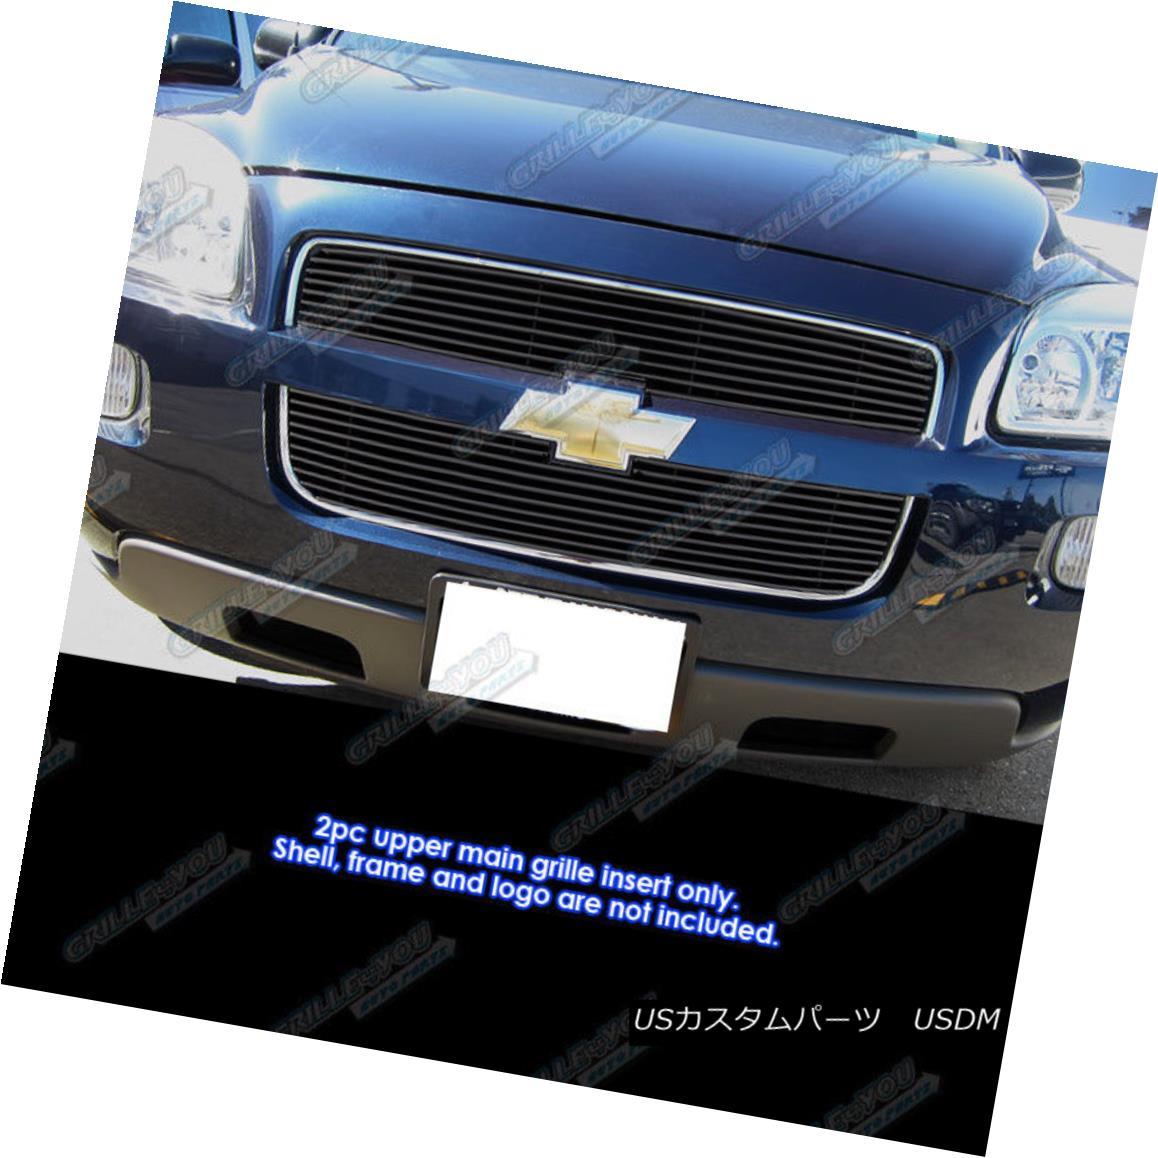 グリル Fits 2005-2008 Chevy Uplander Black Billet Grille Grill Insert 2005-2008年のChevy Uplander Black Billetグリルグリルインサートに適合